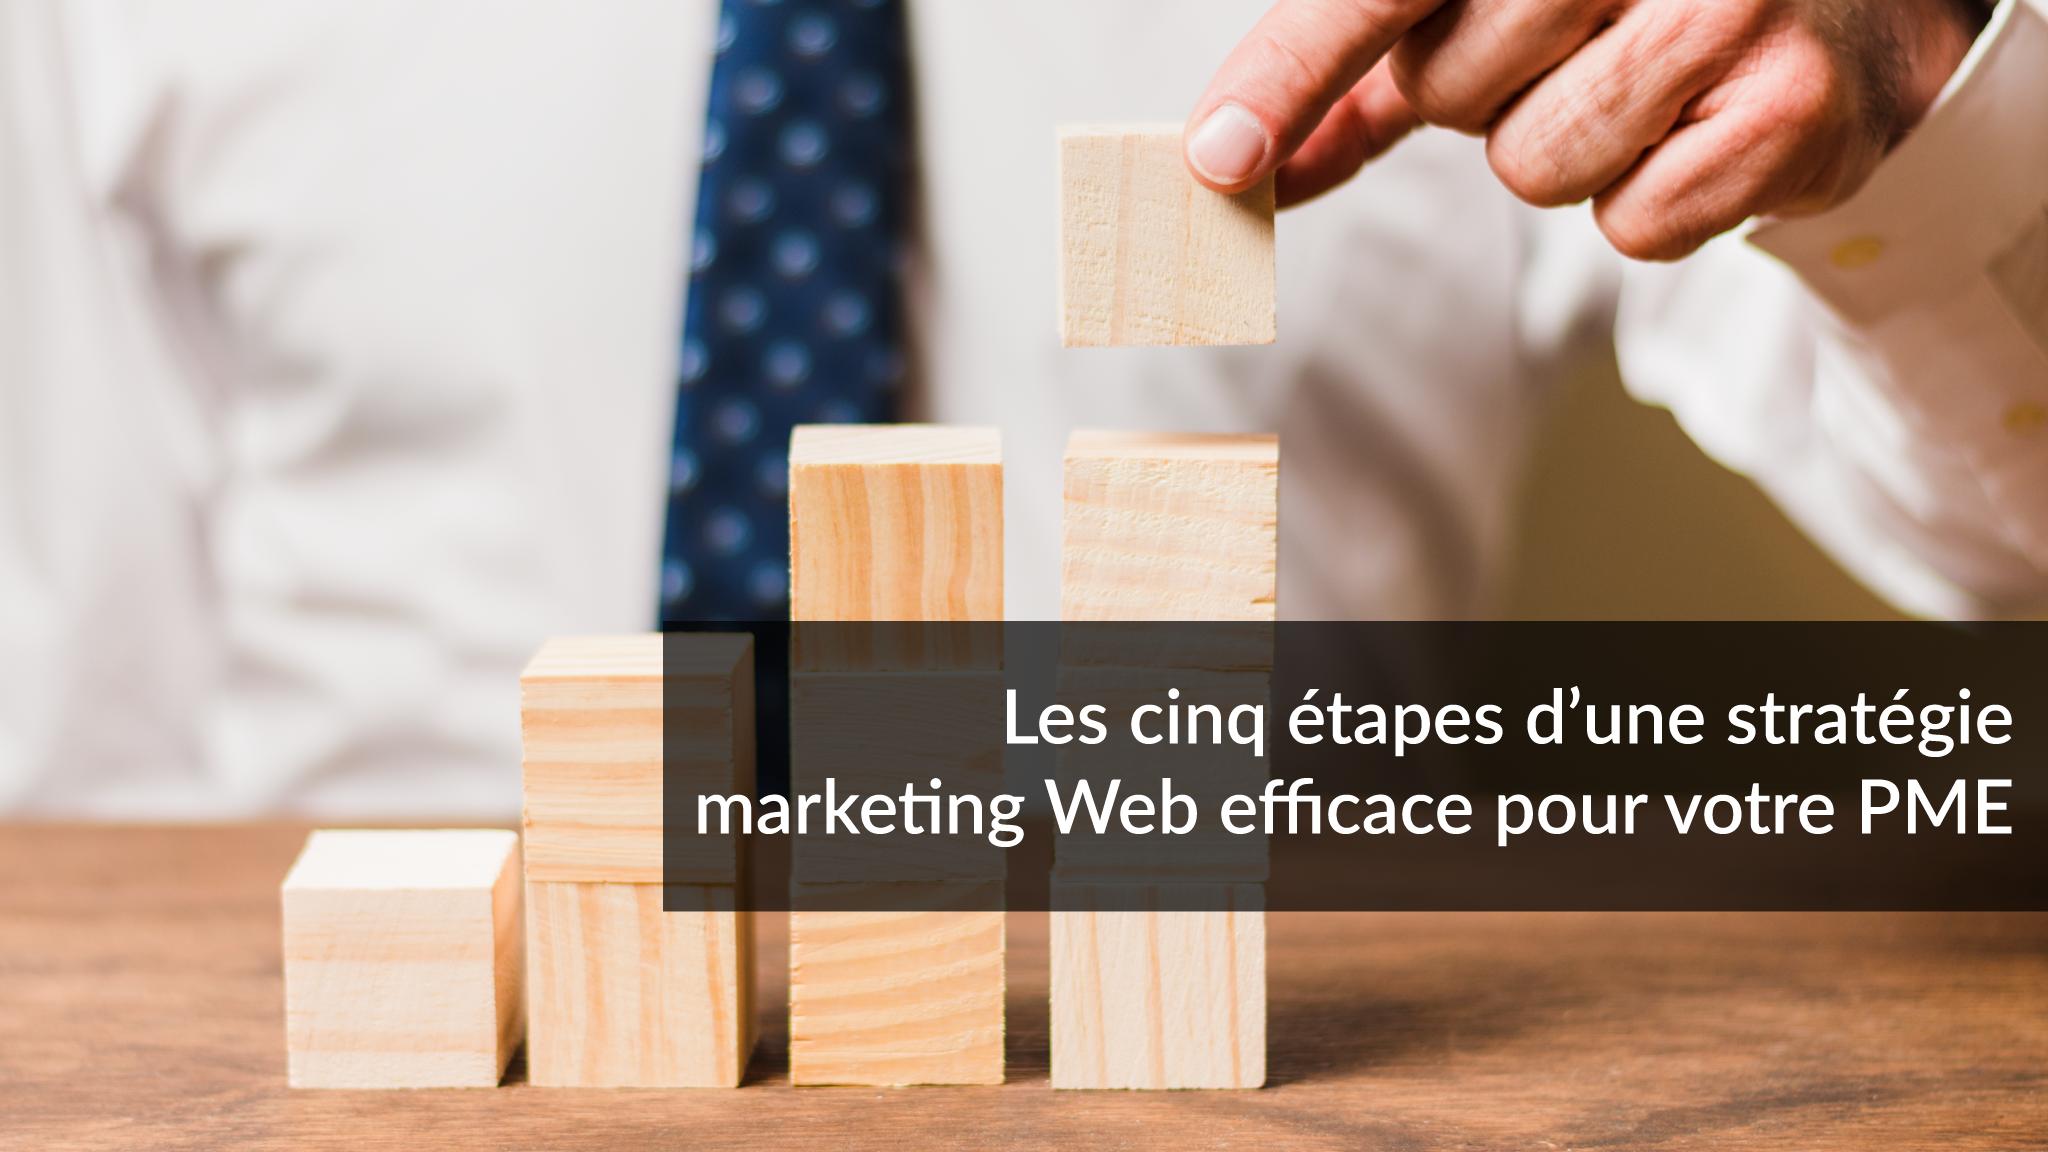 Les cinq étapes d'une stratégie marketing Web efficace pour votre PME